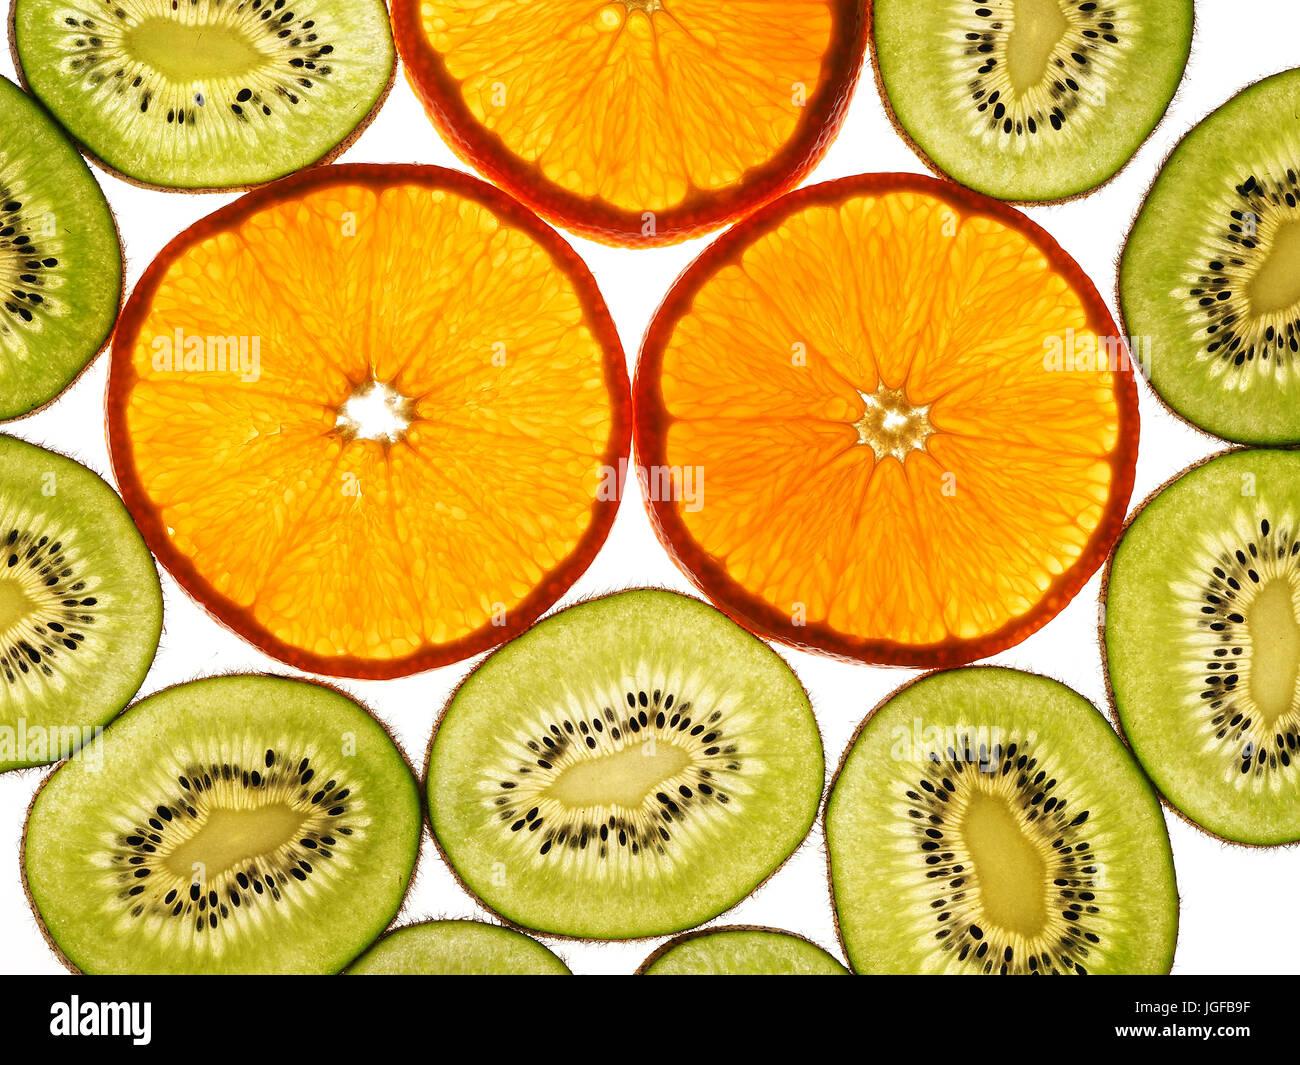 Kiwi with orange slices on the white background - Stock Image